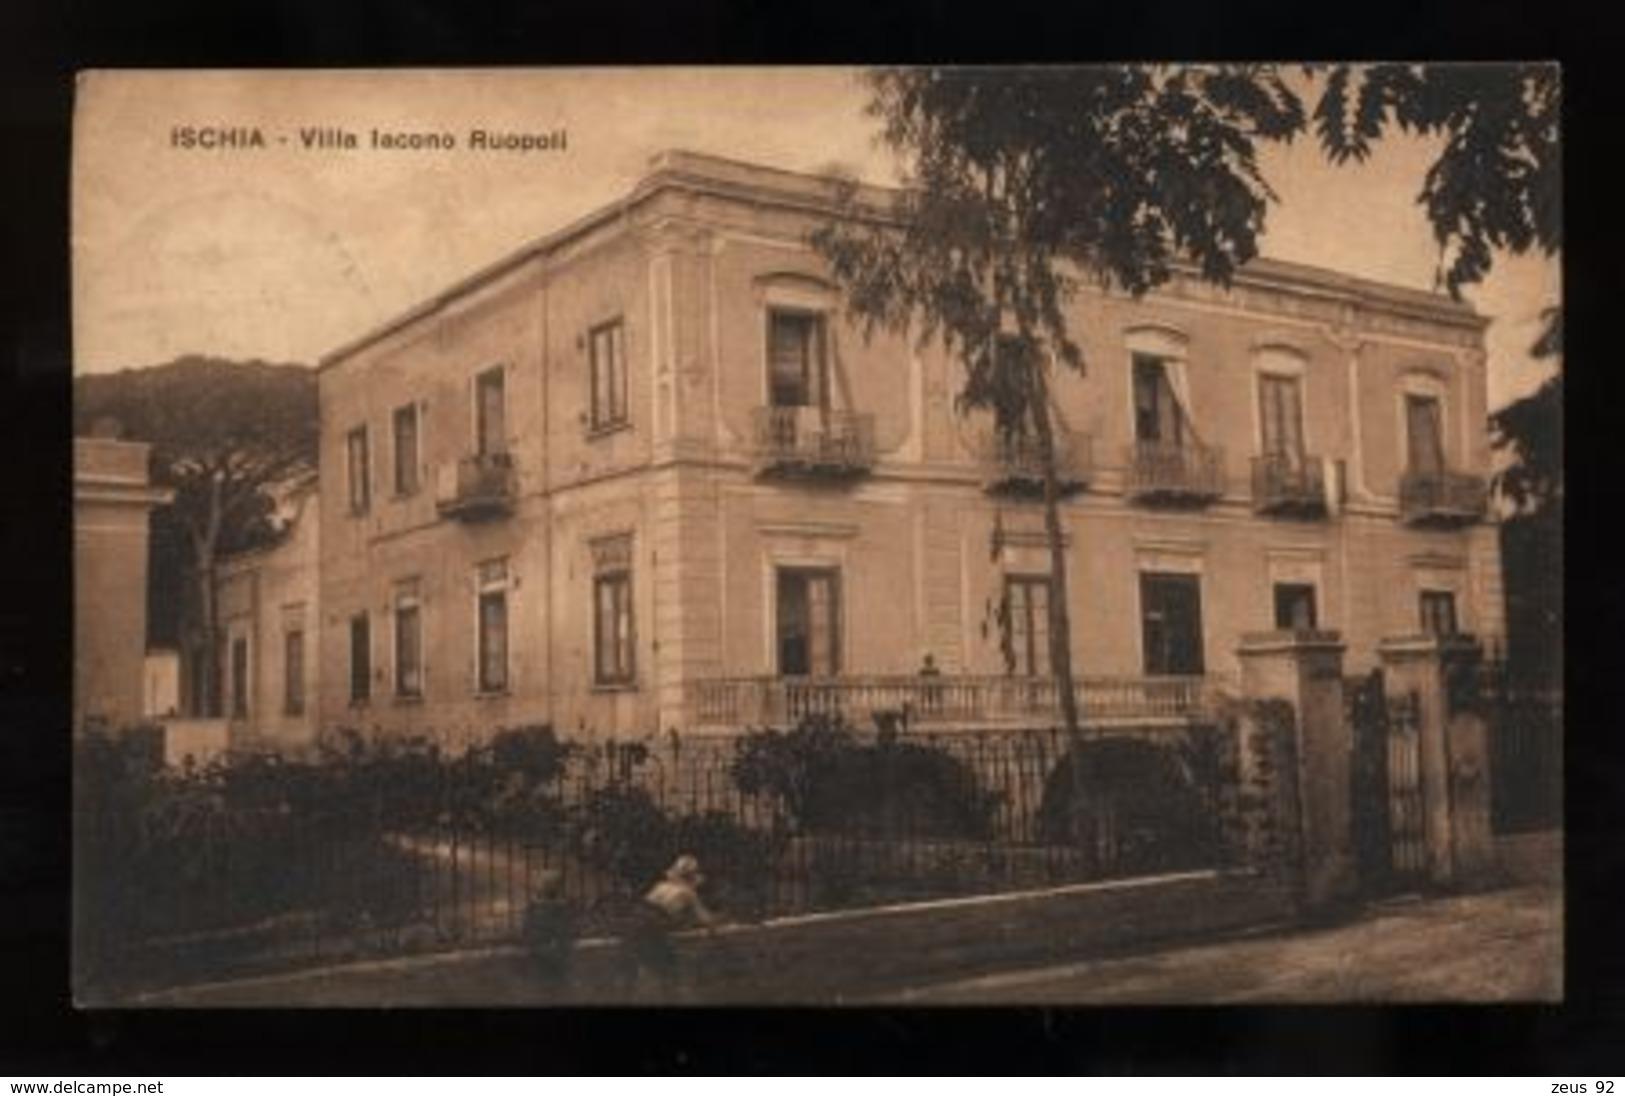 C2040 ISCHIA - VILLA IACONO RUSPOLI FORMATO PICCOLO VG 1926 - Italien